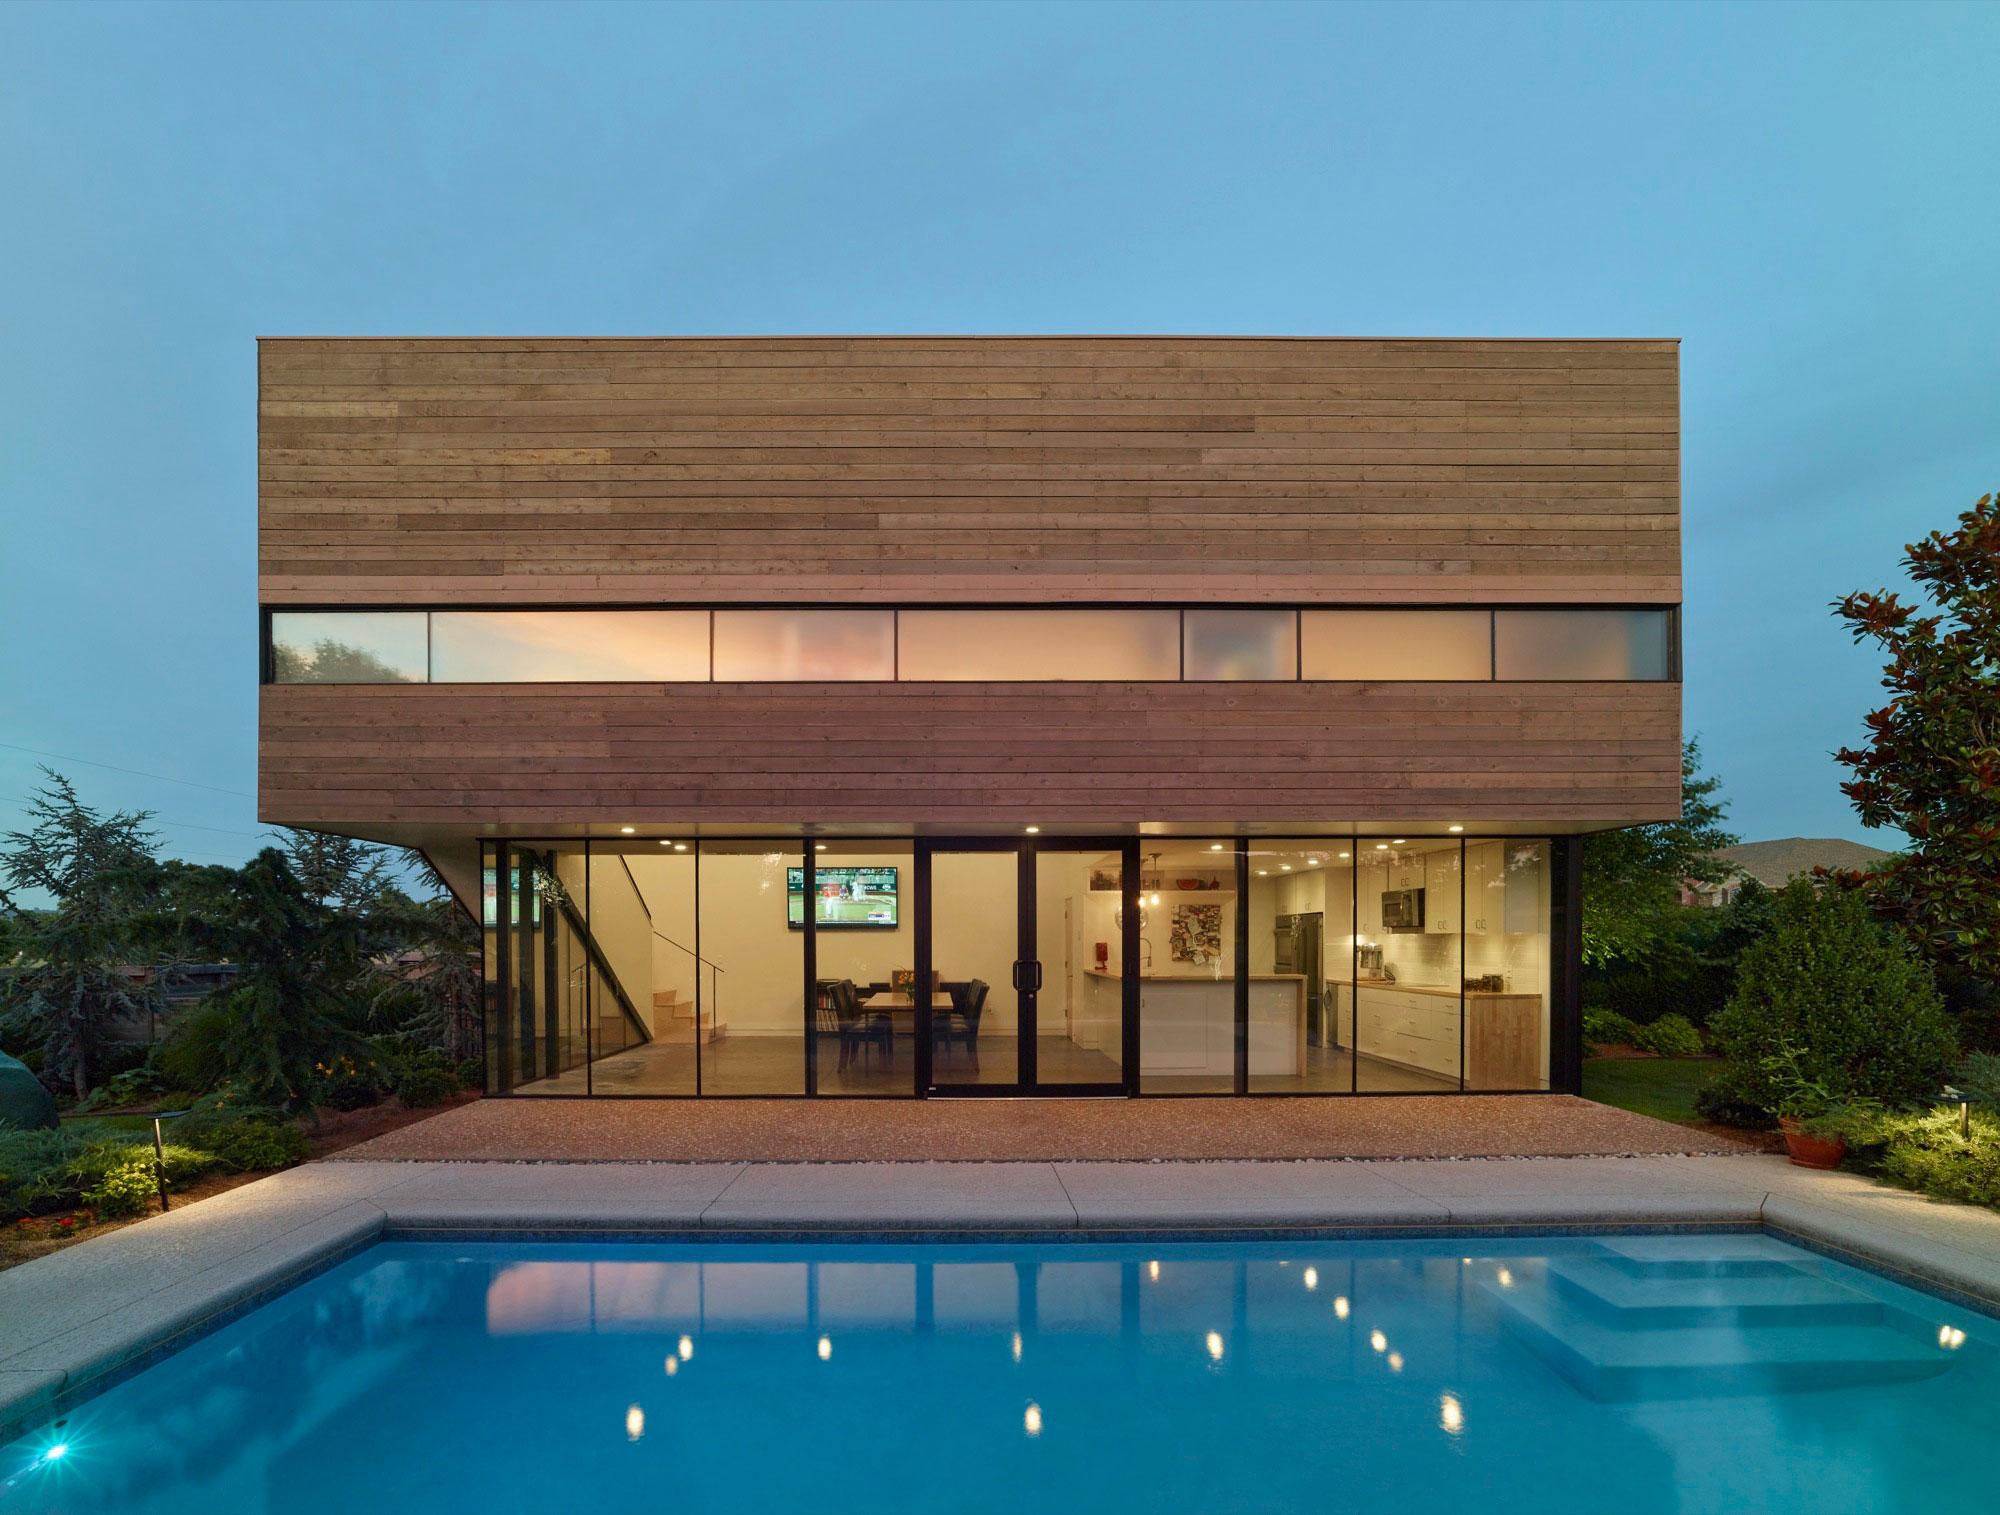 Гостевой дом у бассейна в Аризоне, США